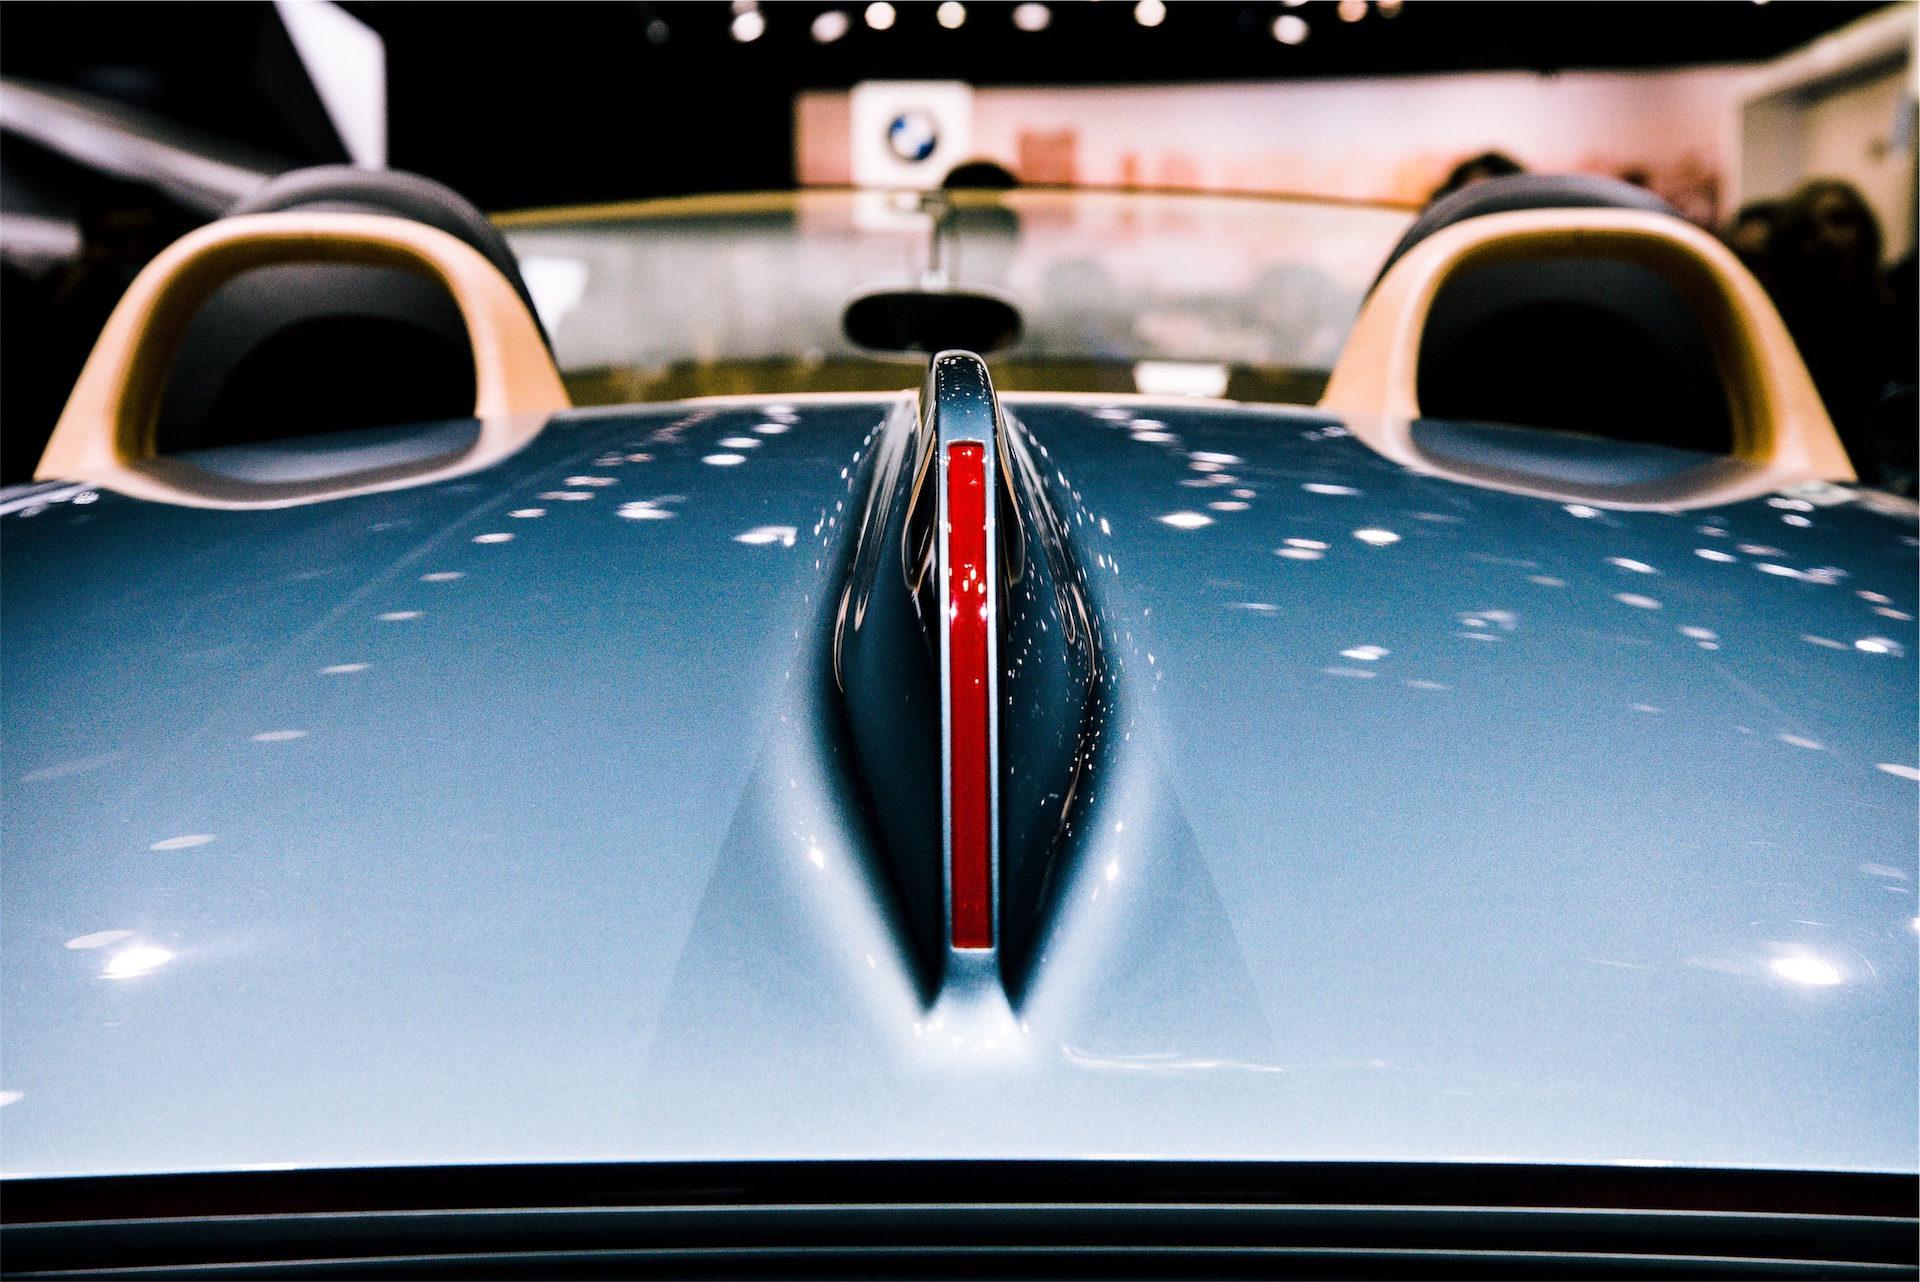 auto, Sport, Convertible, lusso, posteriore - Sfondi HD - Professor-falken.com